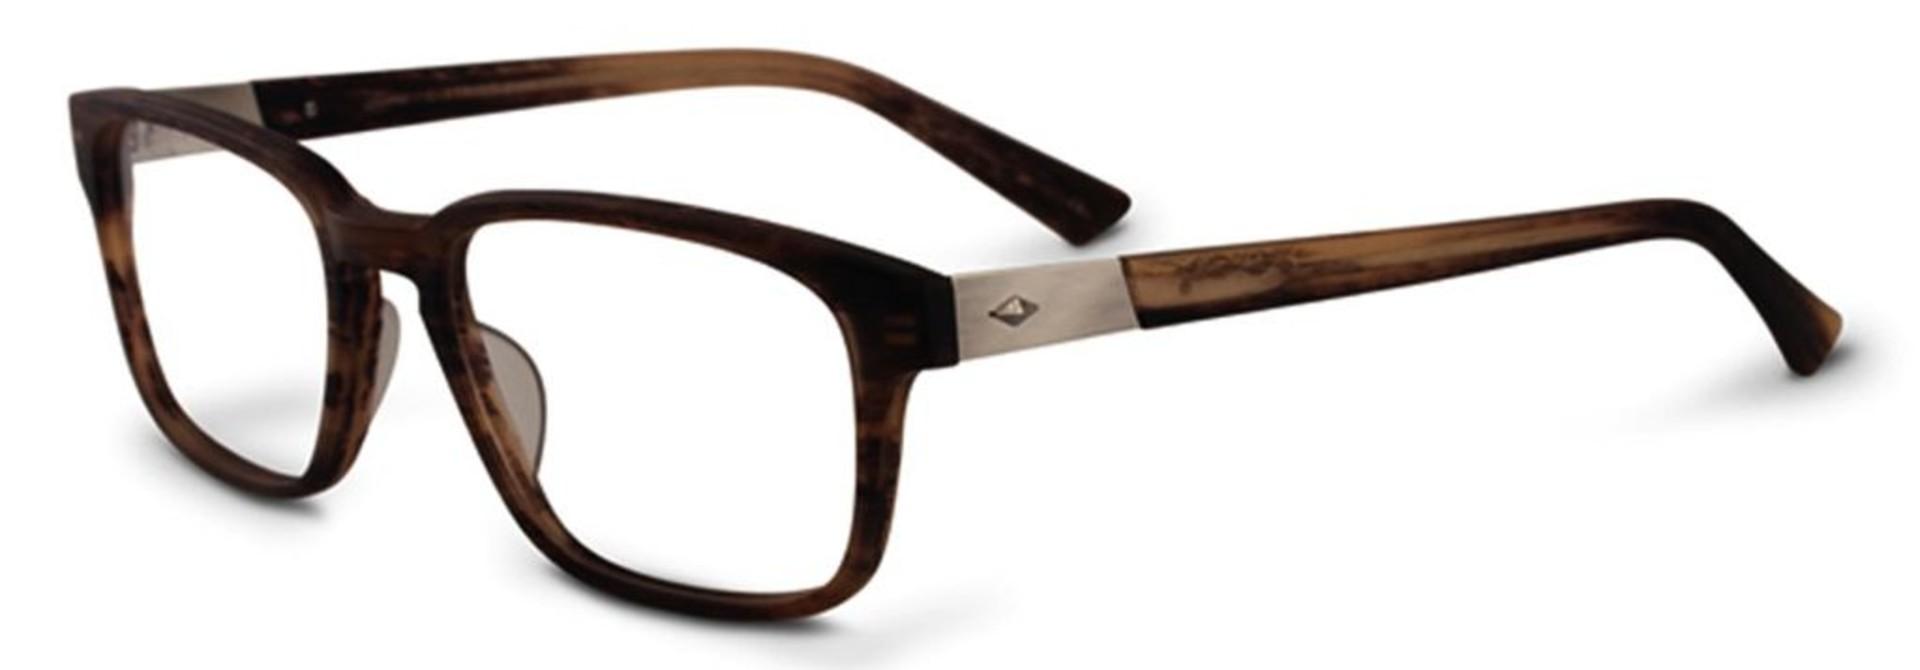 Sama Eyewear District 2